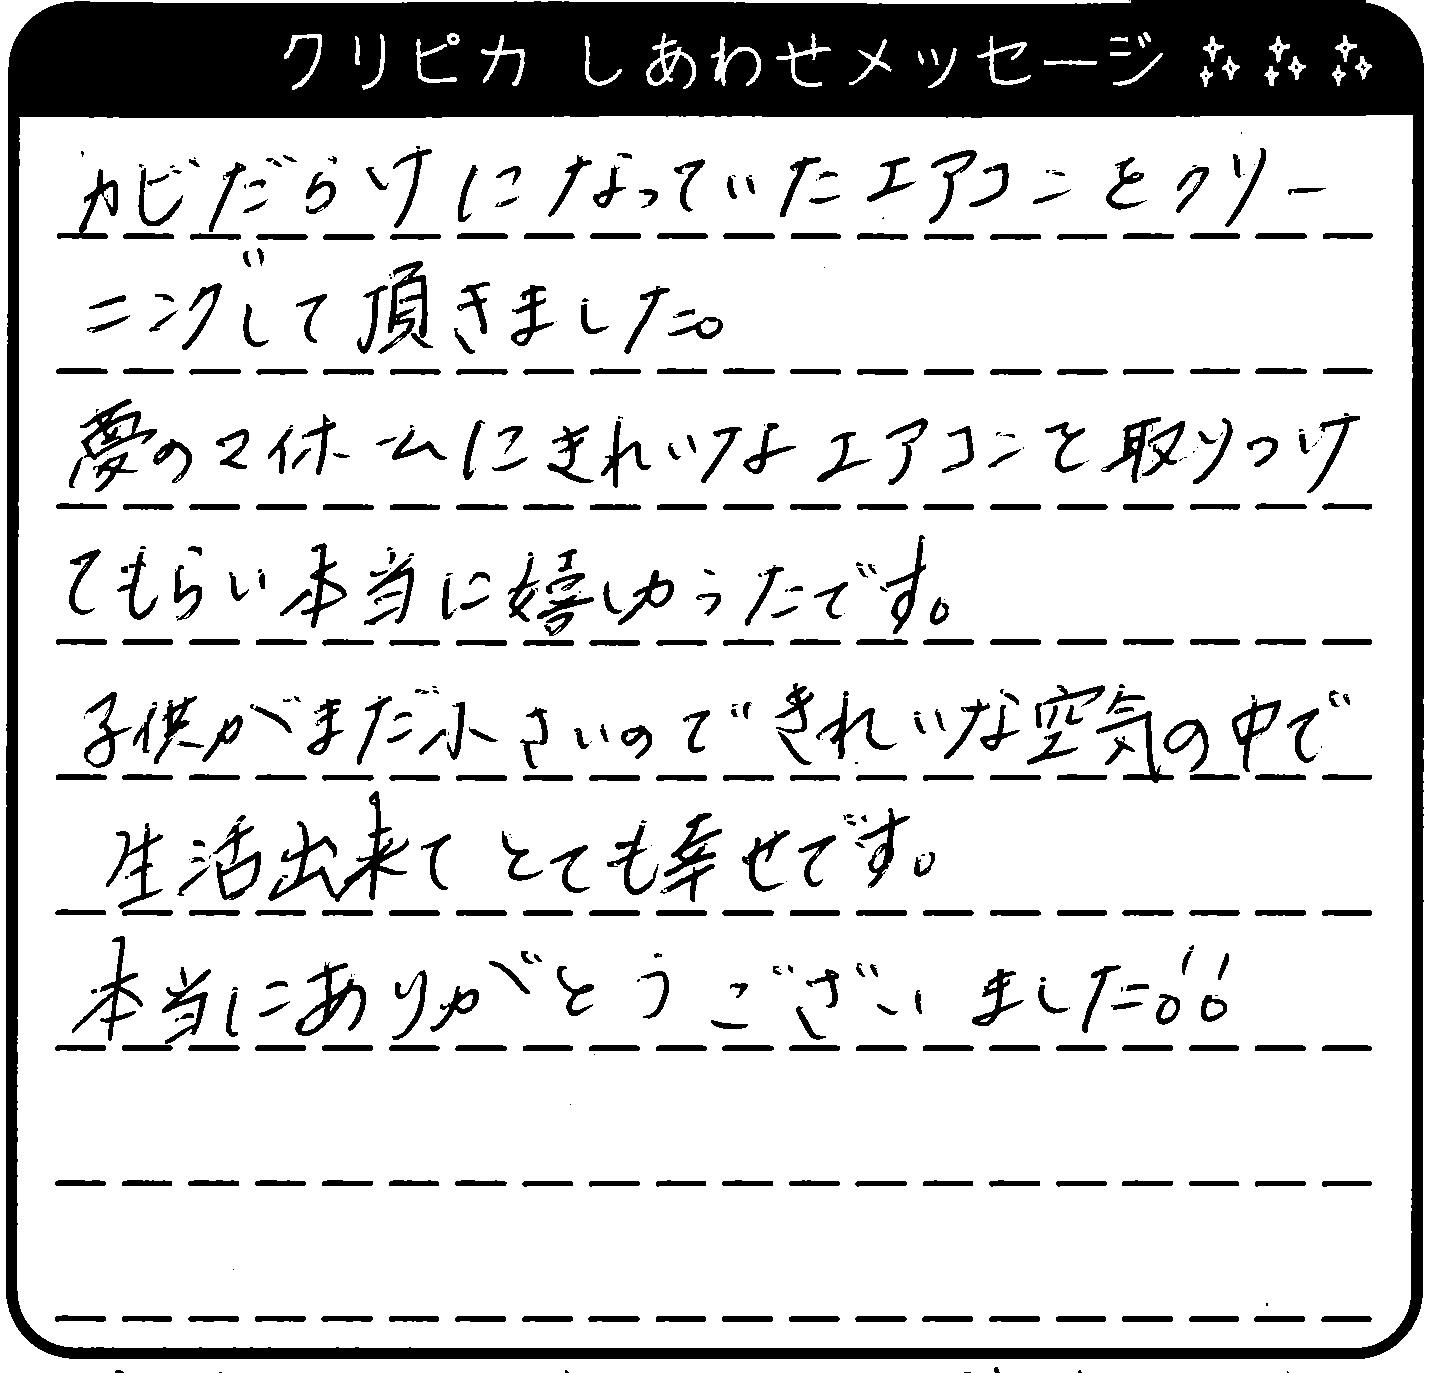 千葉県 Y様からのしあわせメッセージ